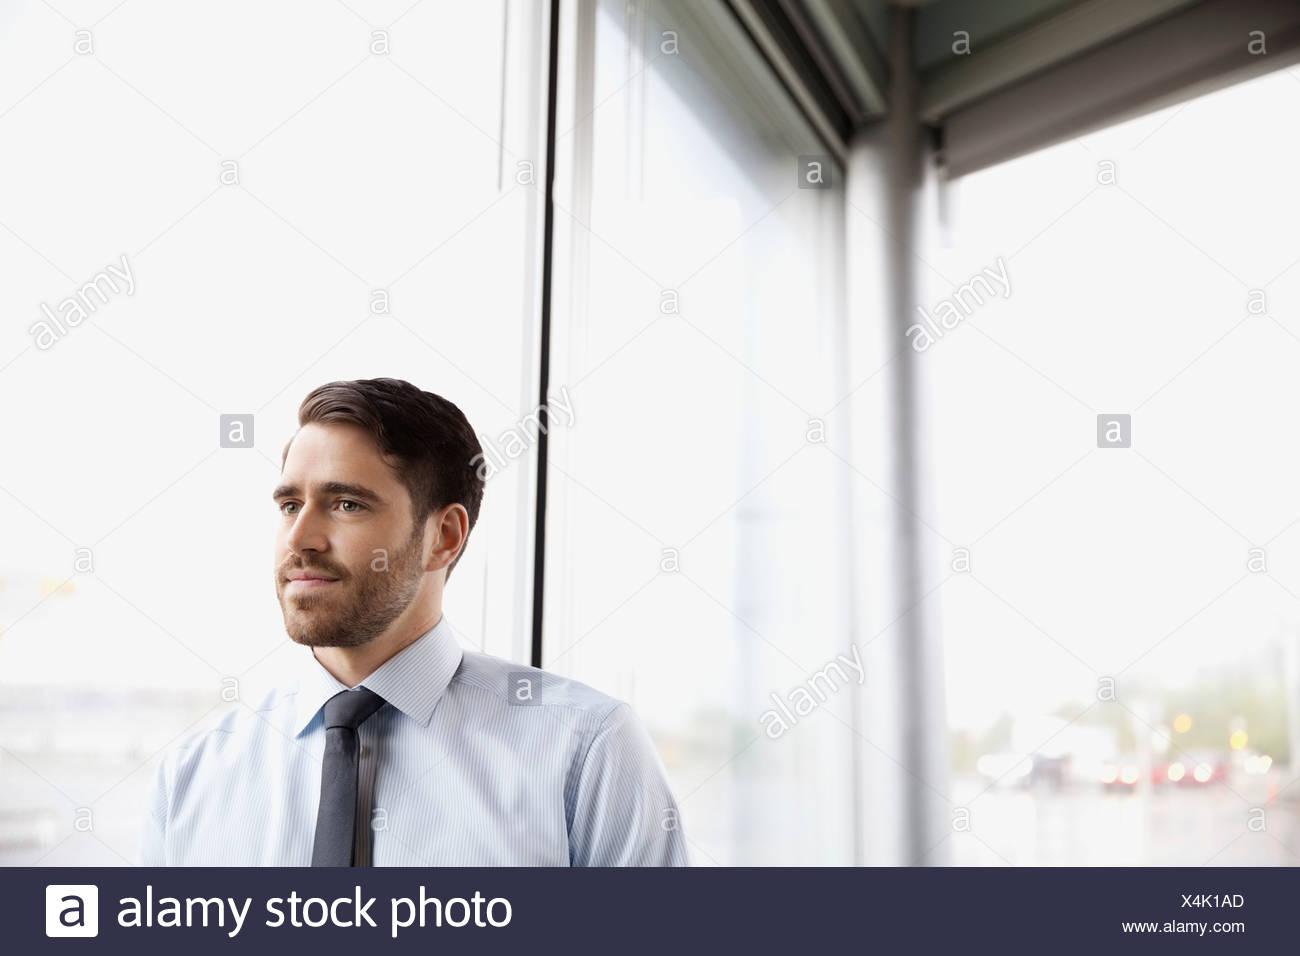 Nachdenklich Geschäftsmann Fenster stand Stockbild